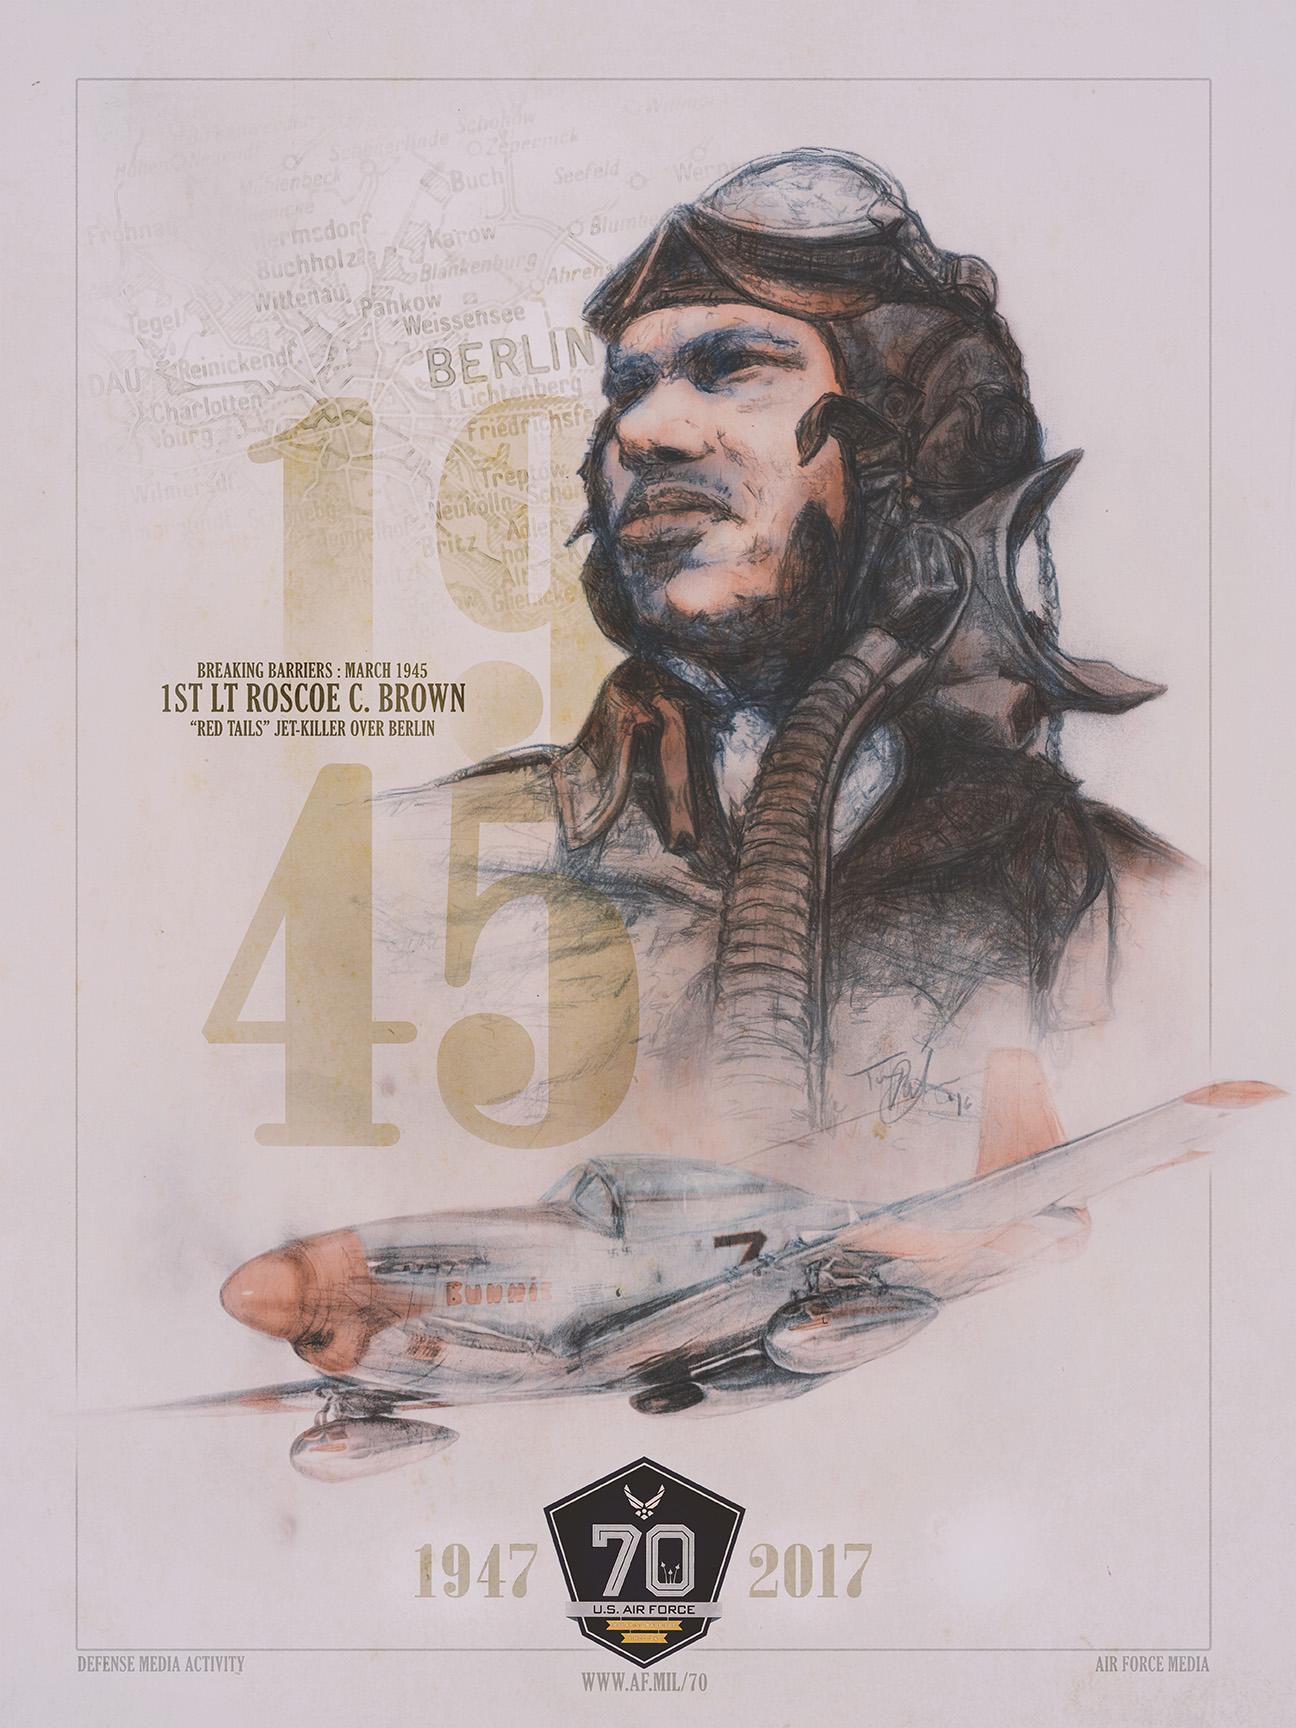 USAF-70-Poster01_72.jpg